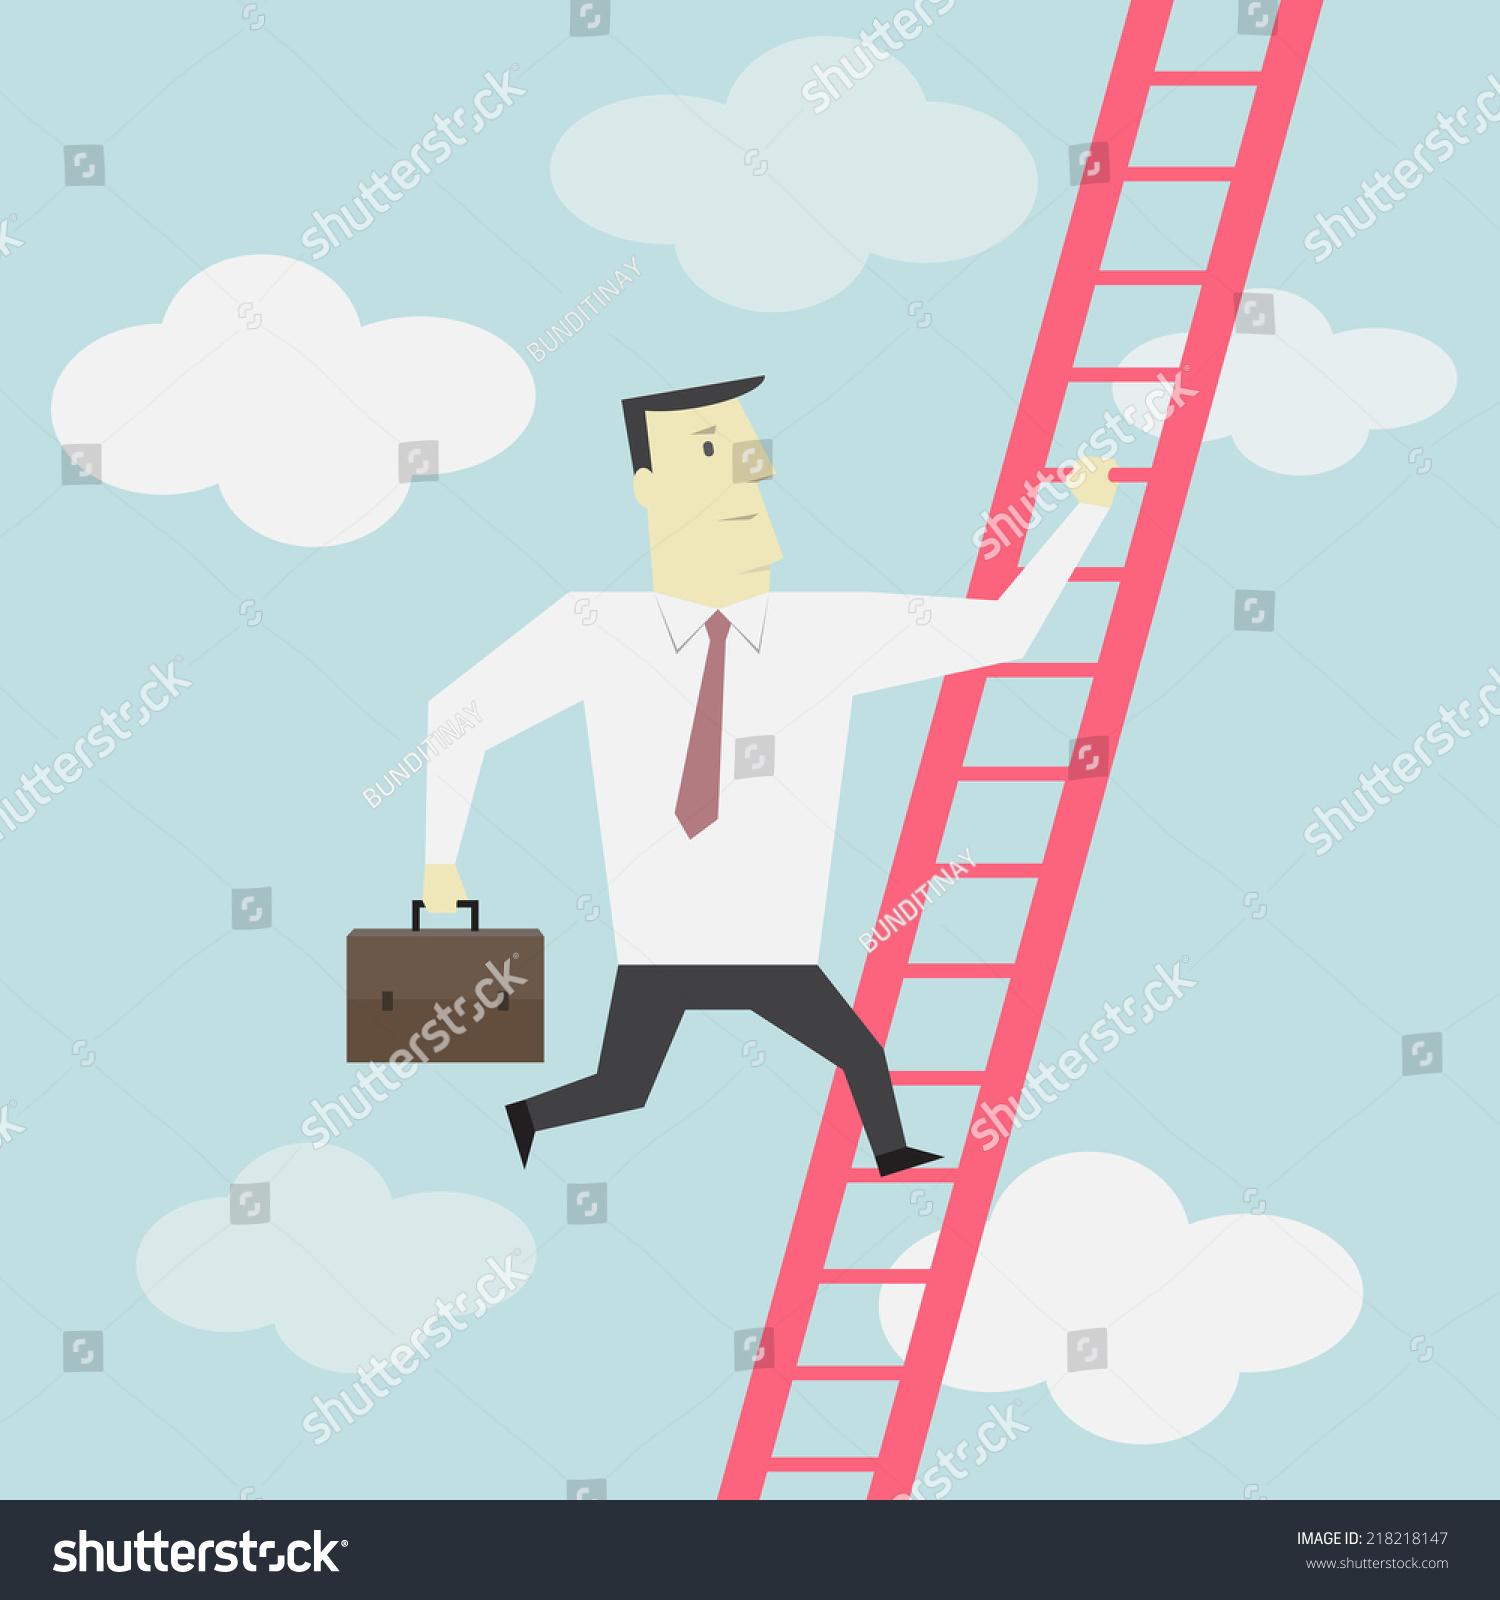 businessman climbs ladder vector stock vector shutterstock businessman climbs up the ladder vector